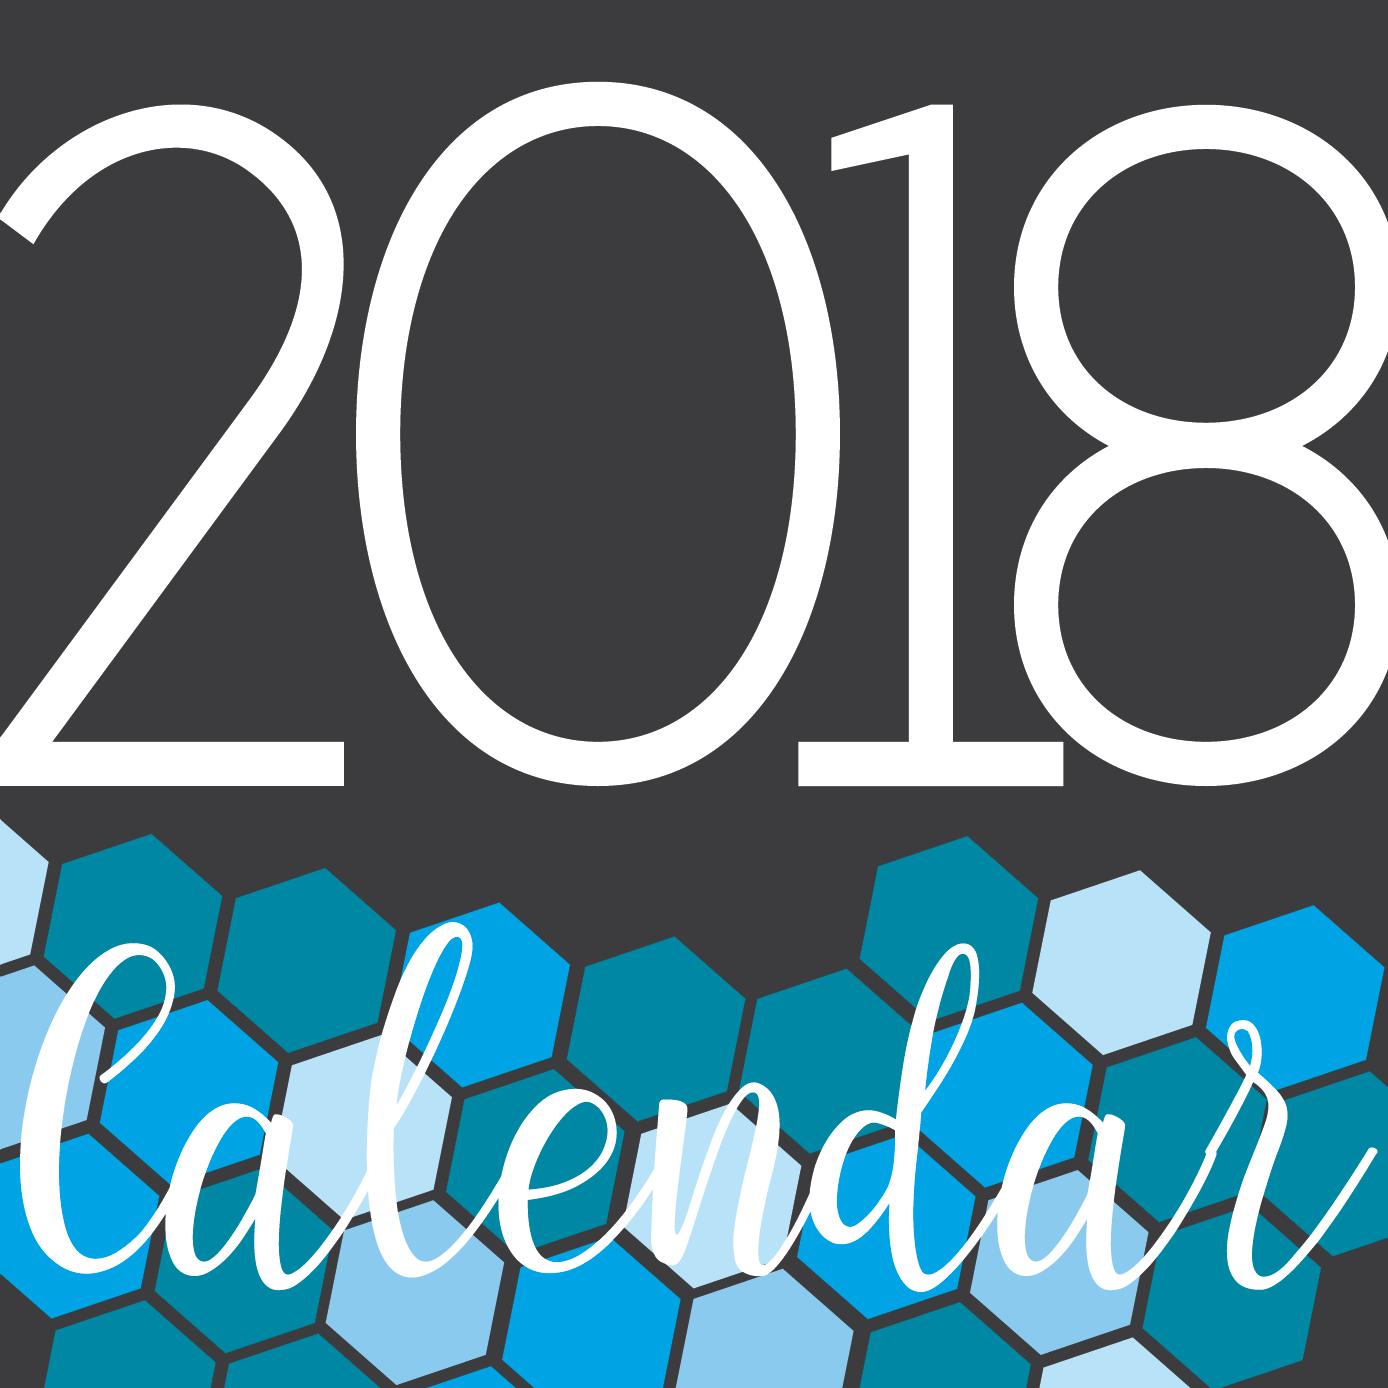 CalendarCover_Springer-01.png